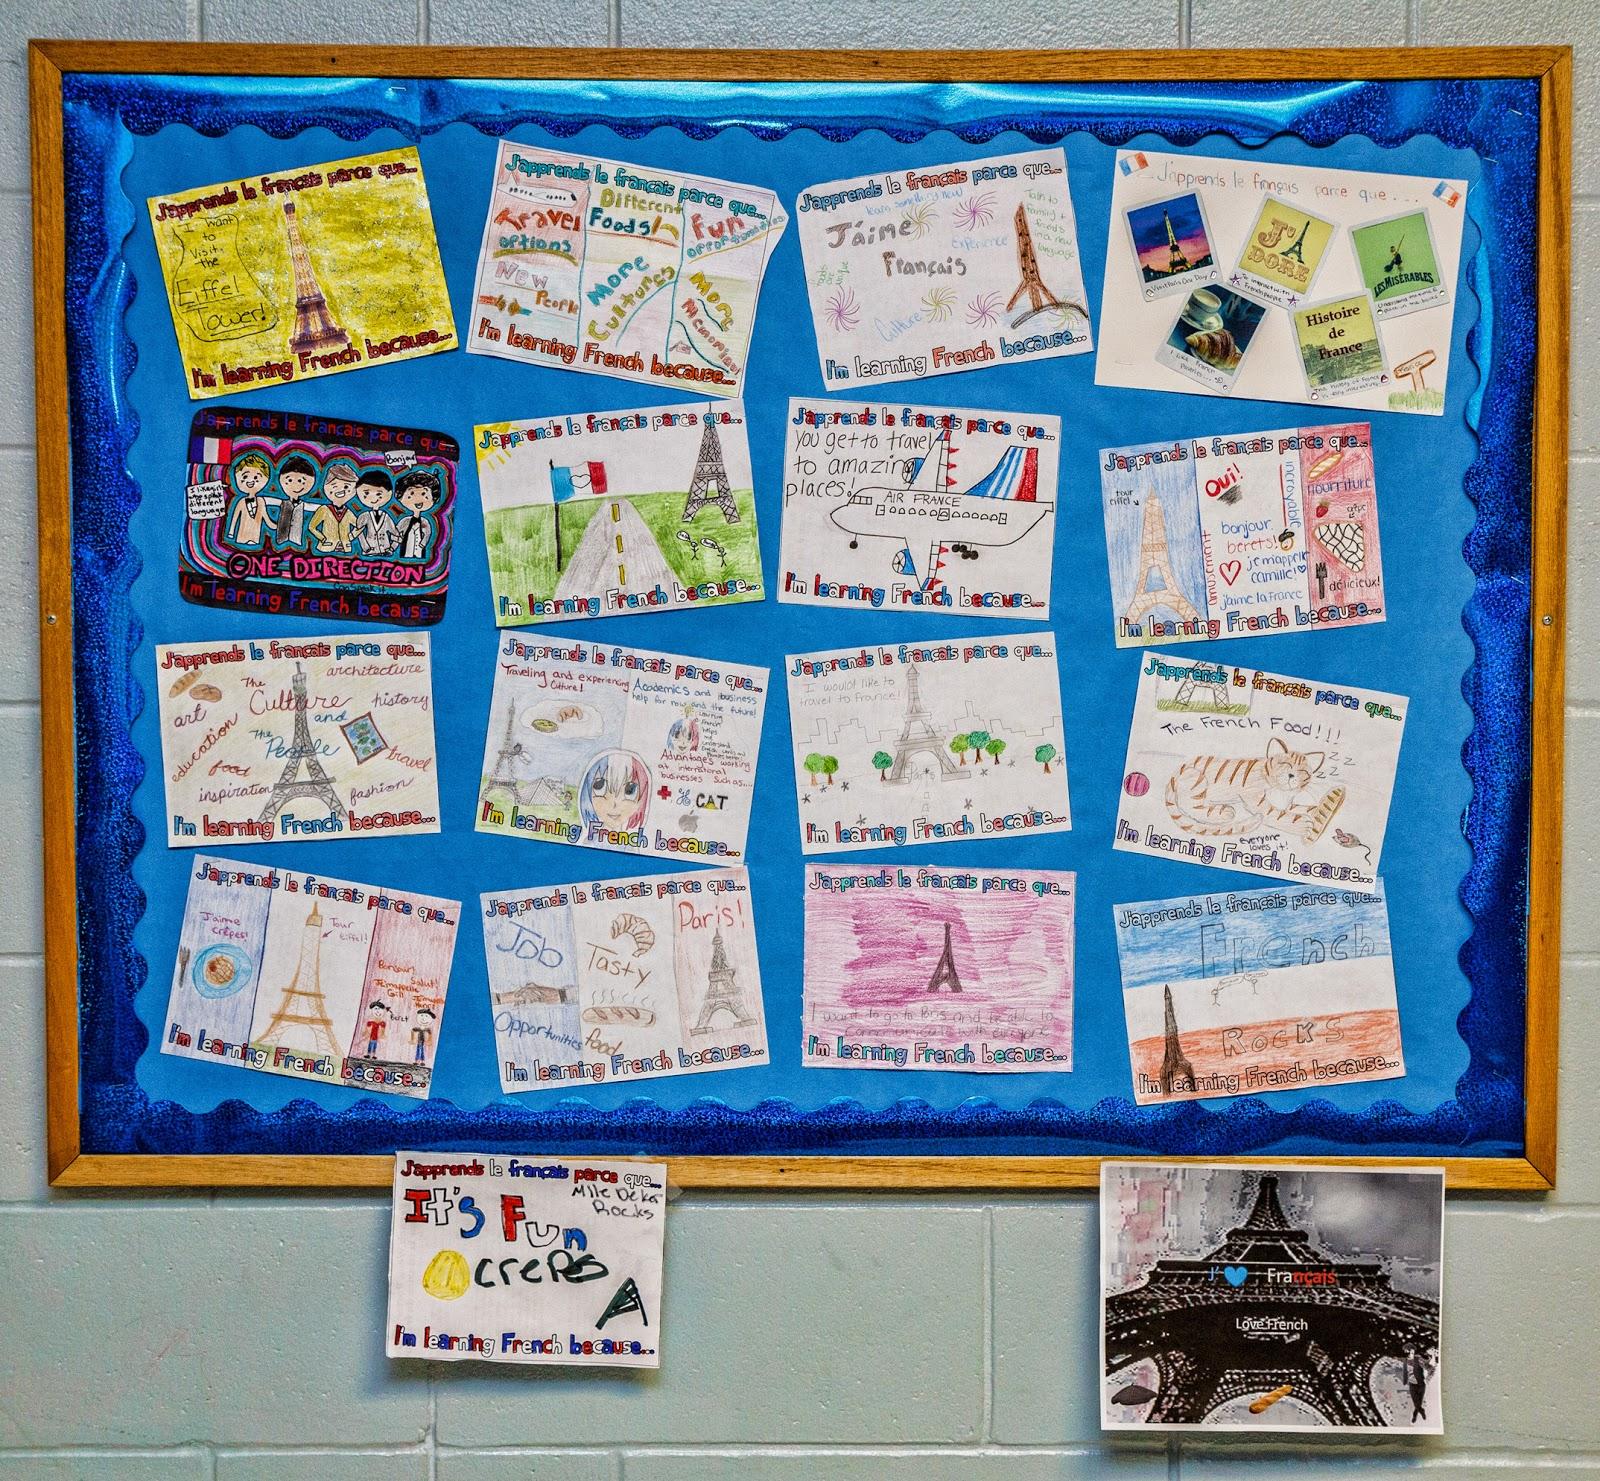 Le Blog De Francais 7 J Apprends Le Francais Parce Que